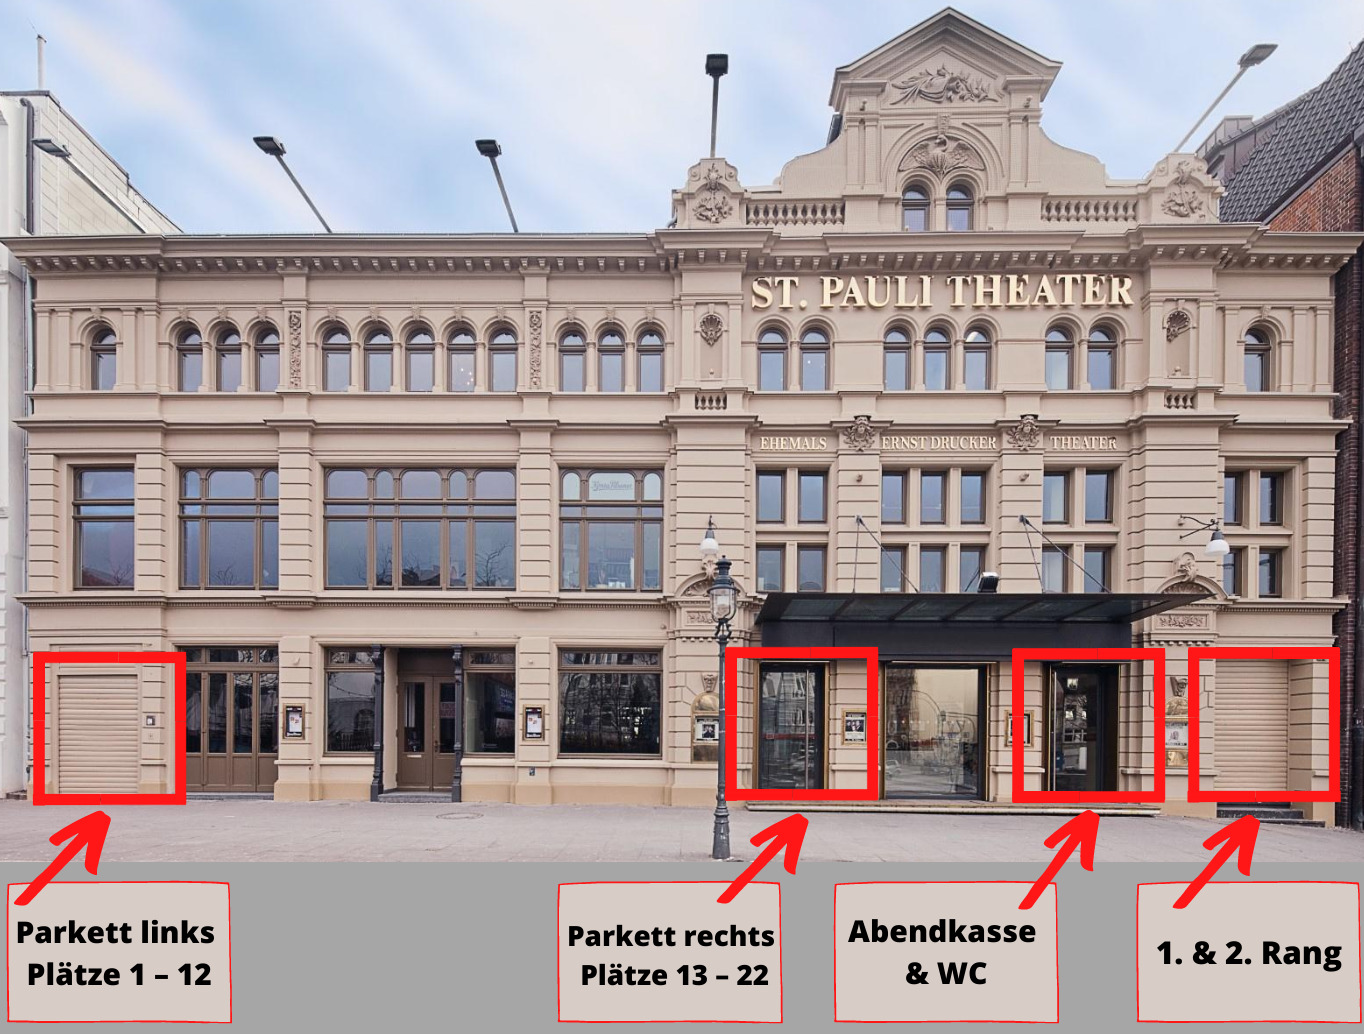 St. Pauli Theater - Wartebereiche